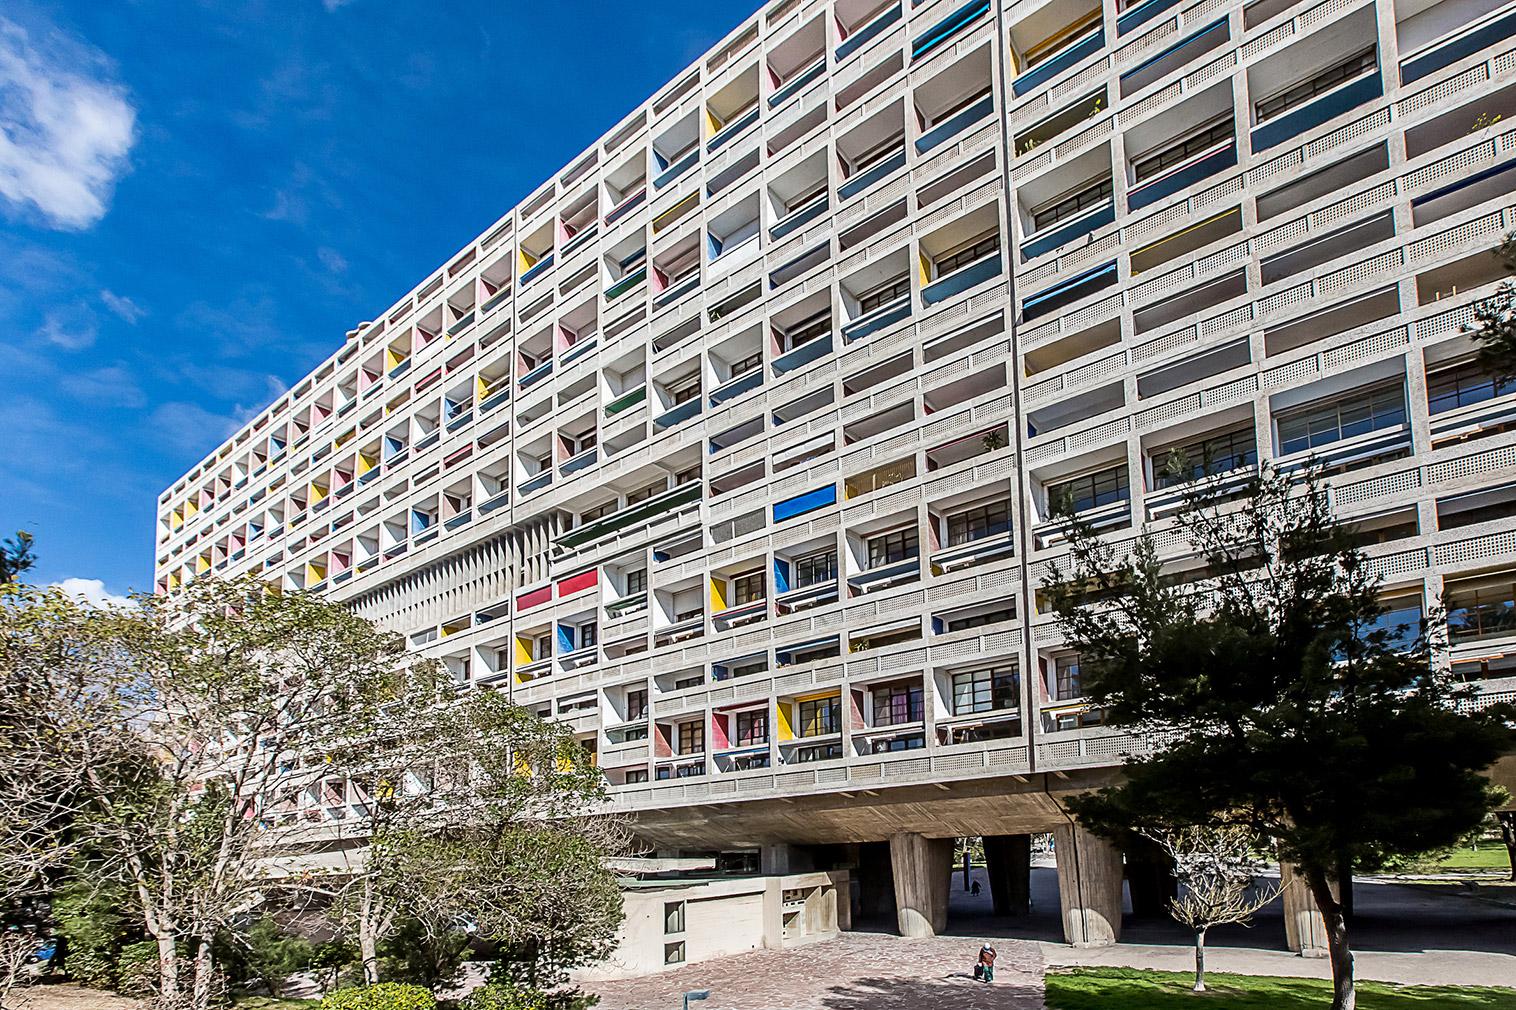 Duplex G Cite Radieuse Marseilles by Architecture de Collection